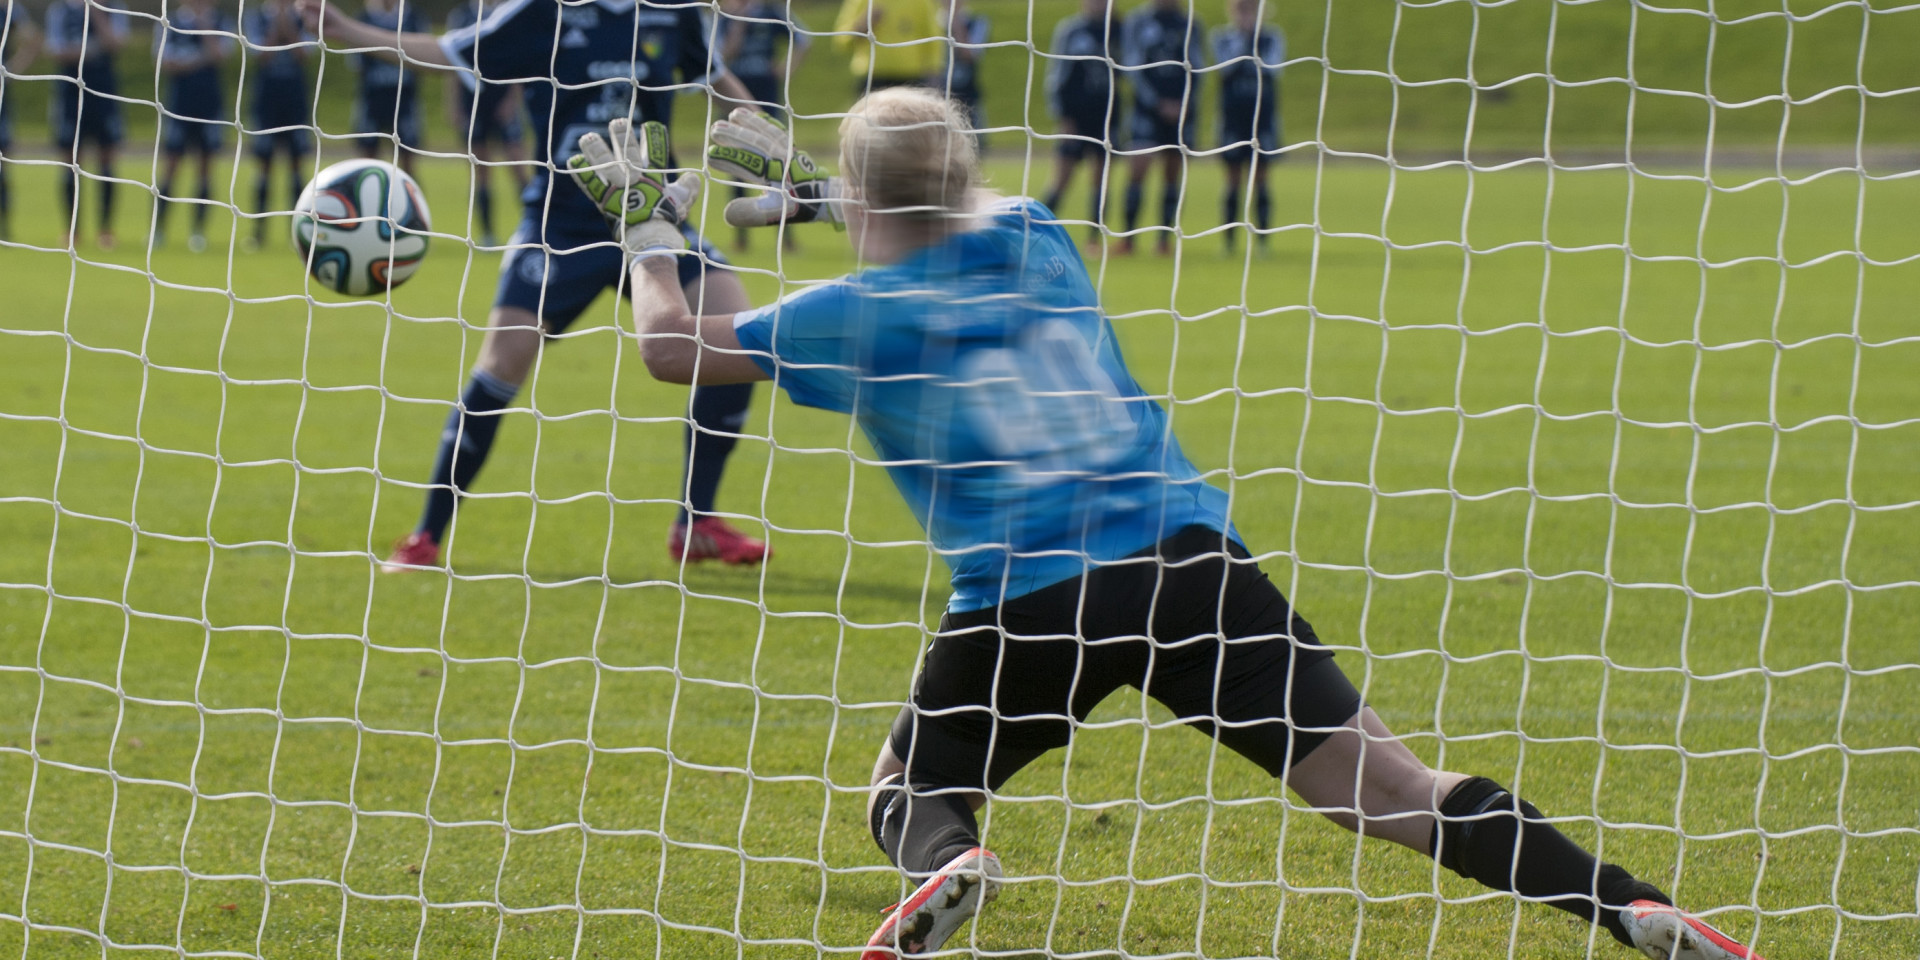 151003  i kvalmatchen till div. 1 för damer mellan FC Hessleholm och Färjestaden i Hässleholm 3 oktober 2015. Foto: Lennart Månsson / BILDBYRÅN  / kod LM / 64816